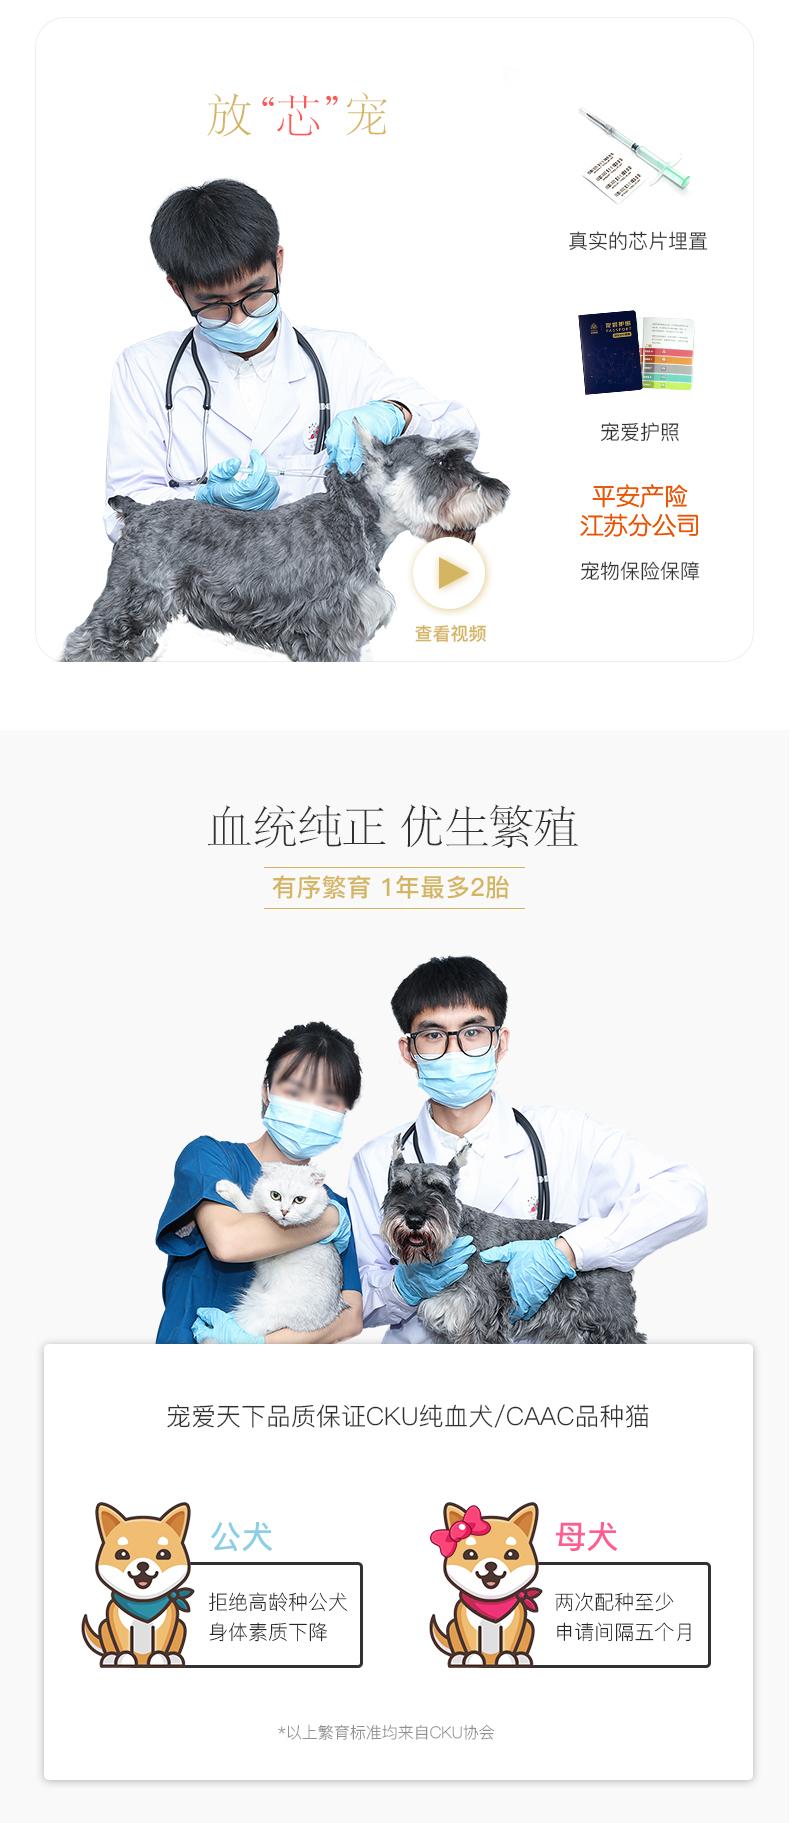 中亚牧羊犬纯种坎高犬幼犬巨型中亚牧羊犬活体土耳其坎高犬6